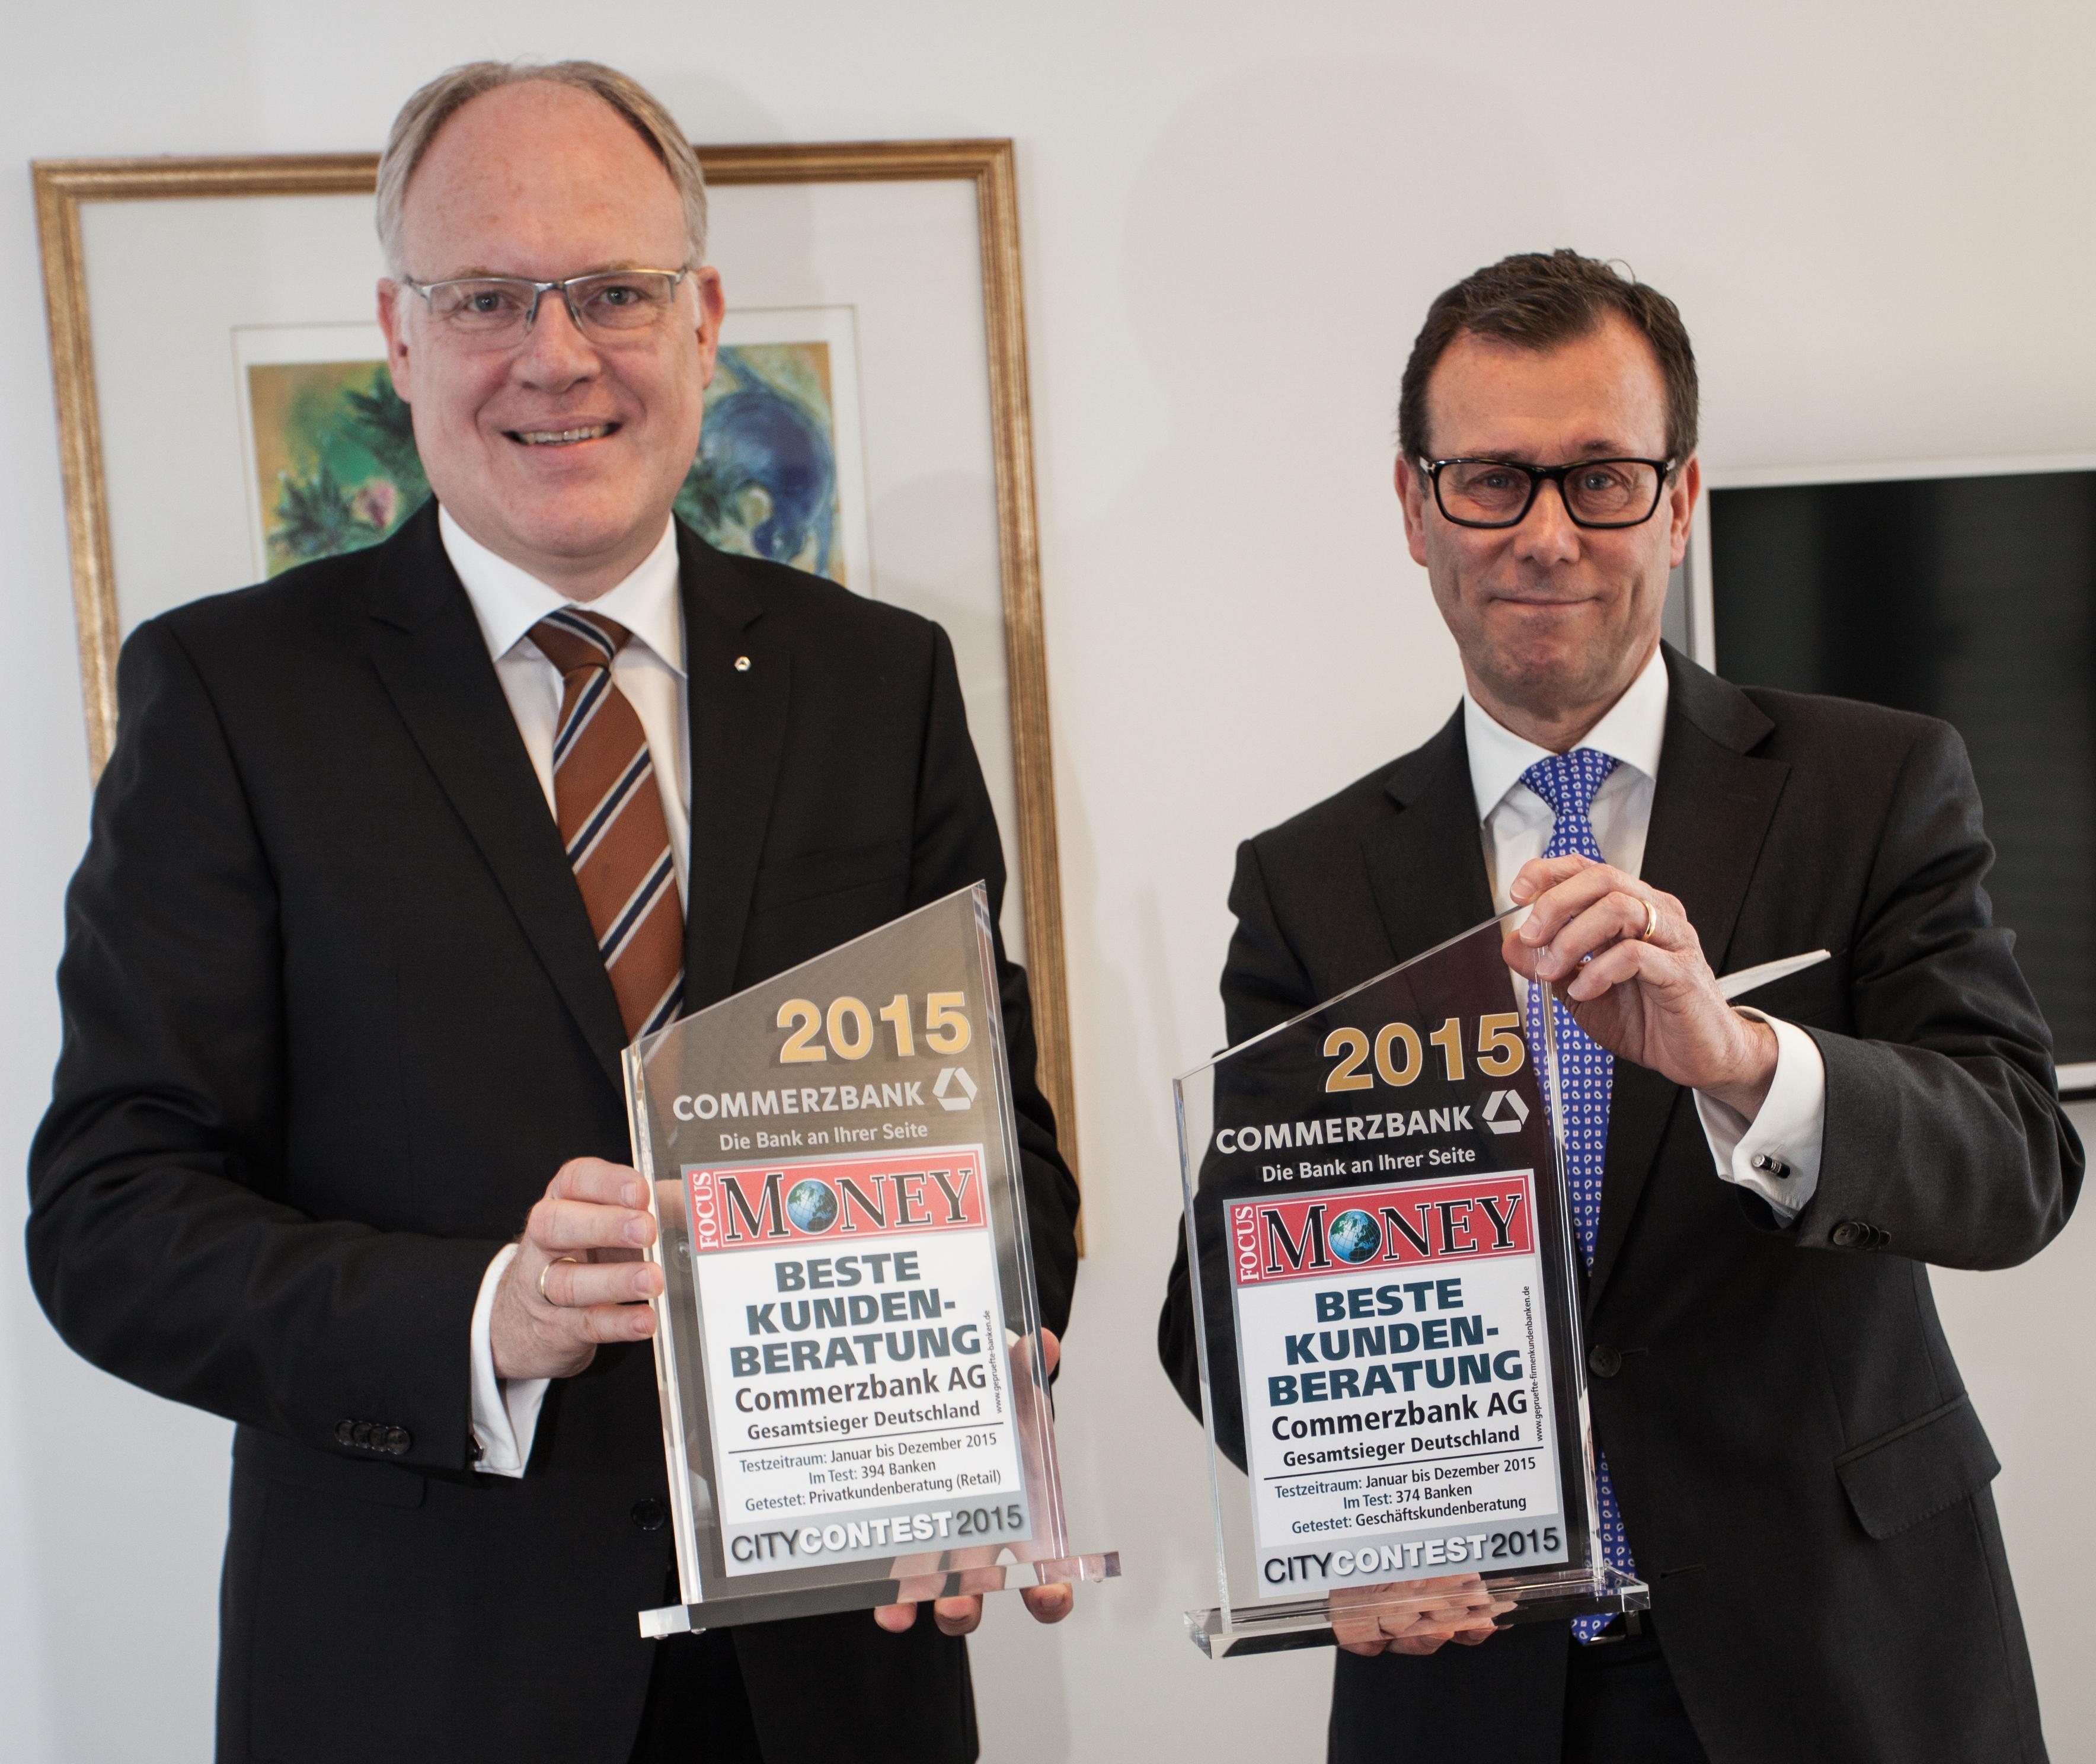 v.l.: Frank Brüggemann, Niederlassungsleiter Privatkunden und Hans-Jürgen Stricker, Niederlassungsleiter Mittelstand Bielefeld, Commerzbank AG. (Foto: Press Medien)